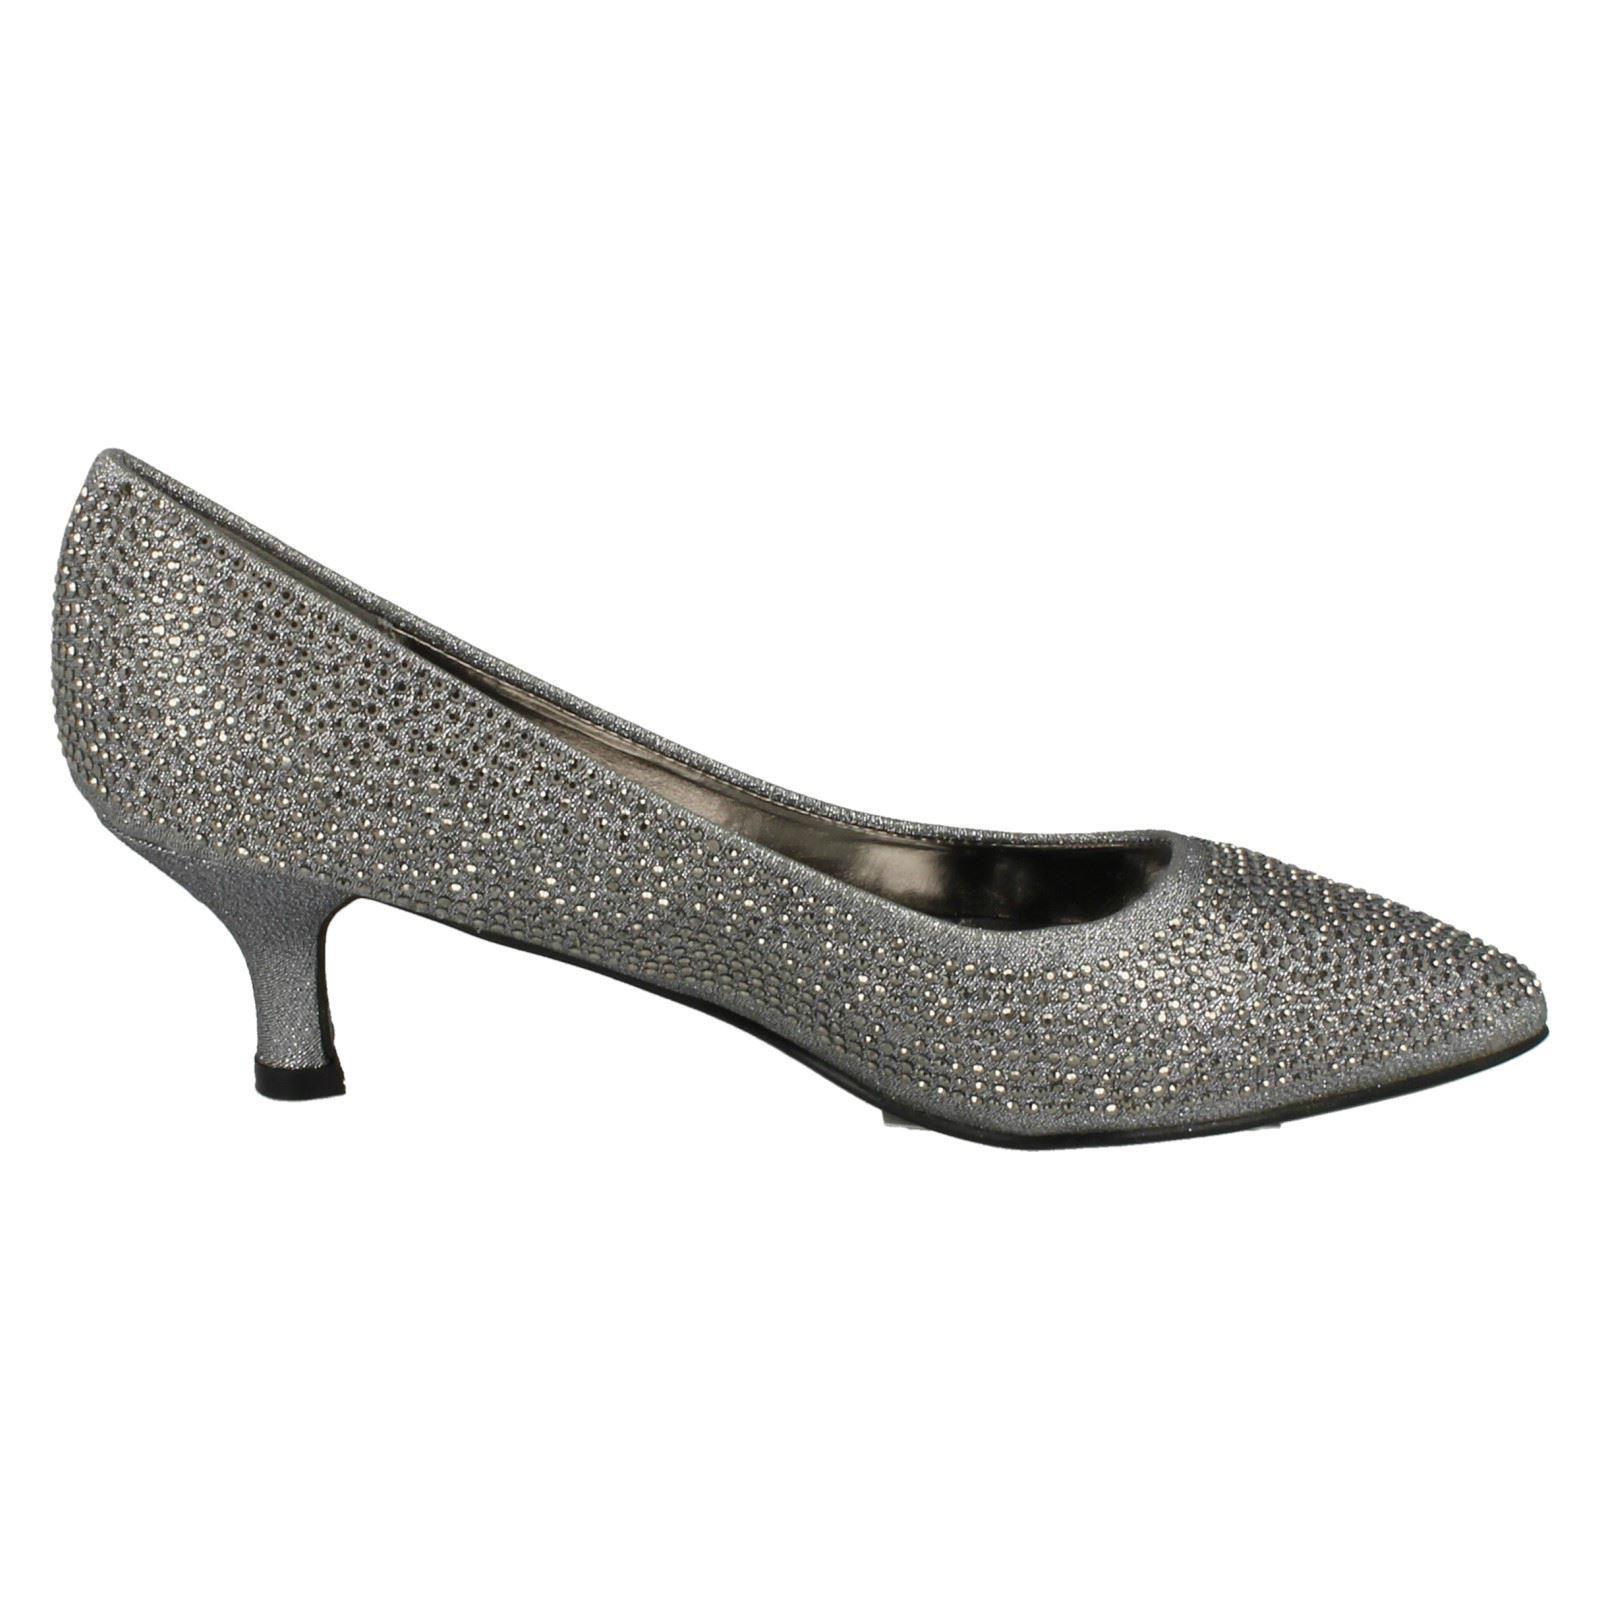 Ladies-Anne-Michelle-Diamante-Low-Heel-Court-Shoes thumbnail 26